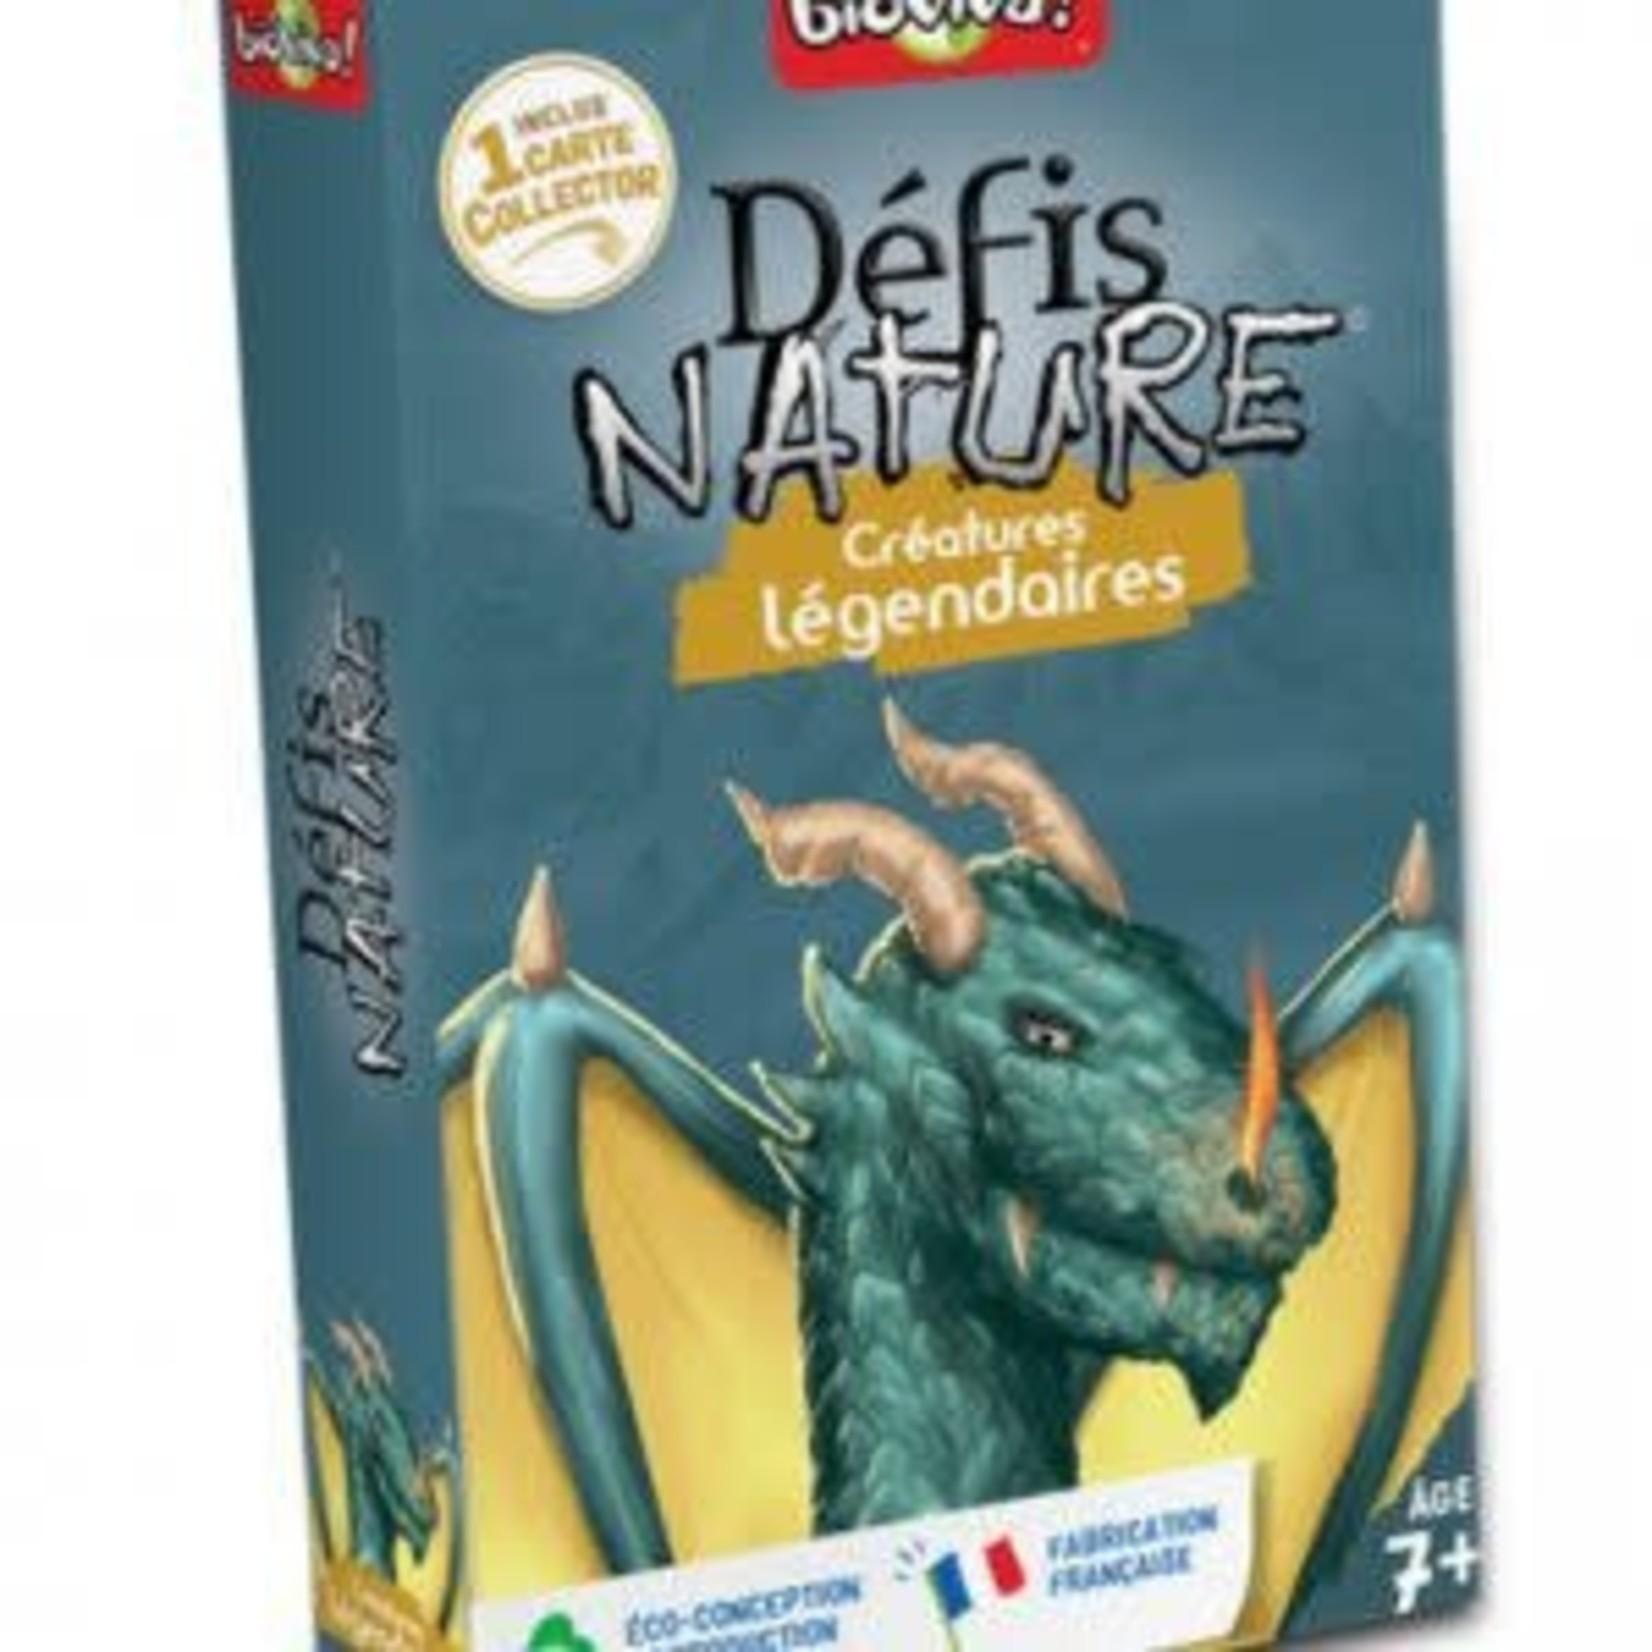 Bioviva Défis Nature - Créatures Légendaires